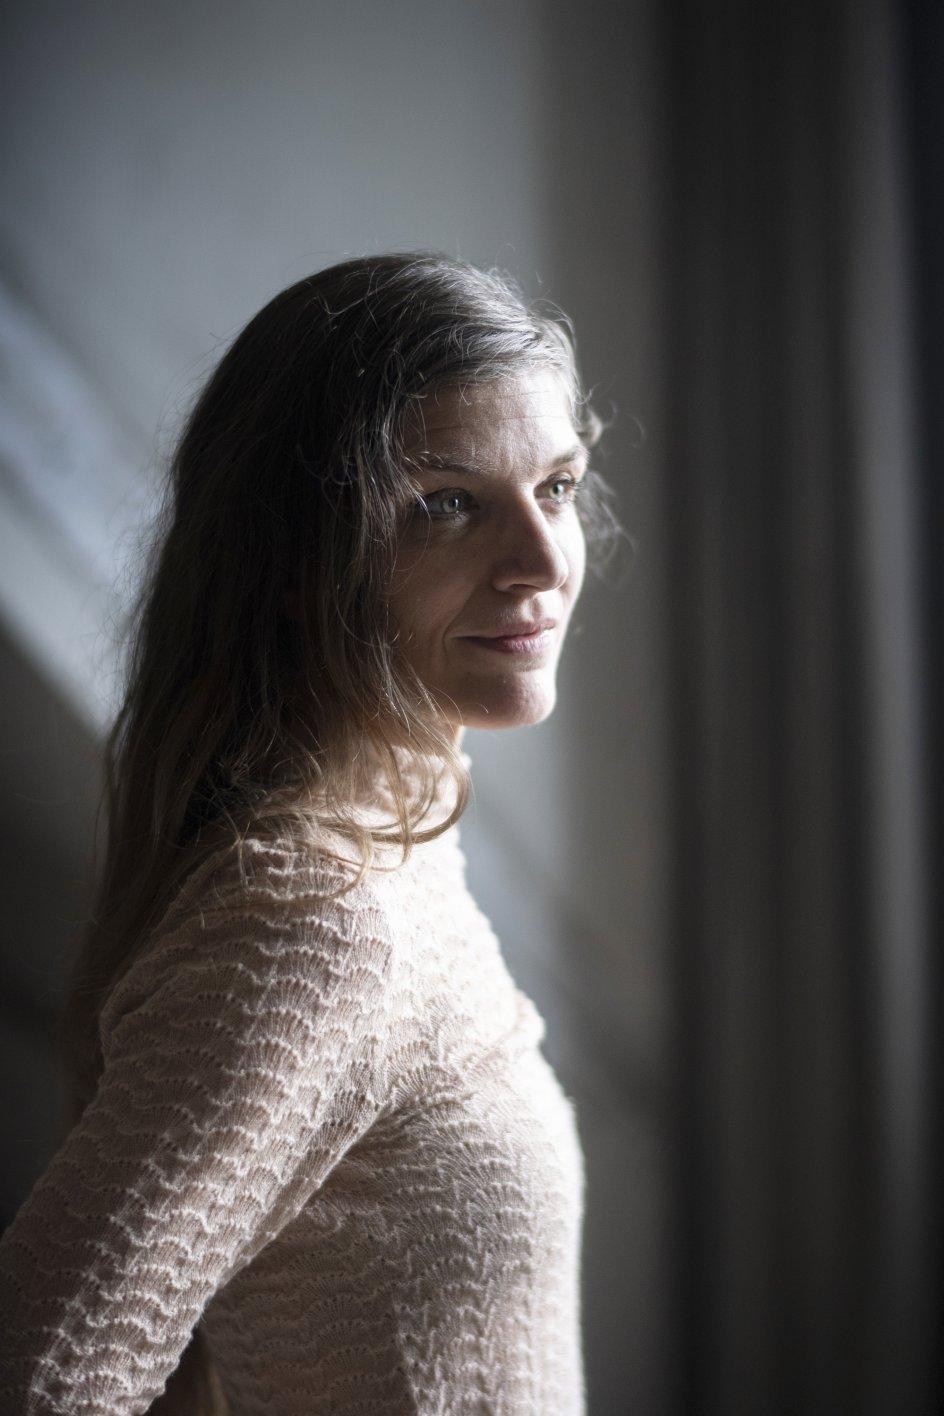 """""""Man kan ikke pakke sin historie væk, det får man ikke noget godt ud af, men det er vilkårene for mange transnationale adoptivbørn, at de hverken har adgang til deres biologiske ophav eller stedet de kommer fra,"""" siger Iben Mondrup. – Alle fotos: Julie Meldhede Kristensen."""